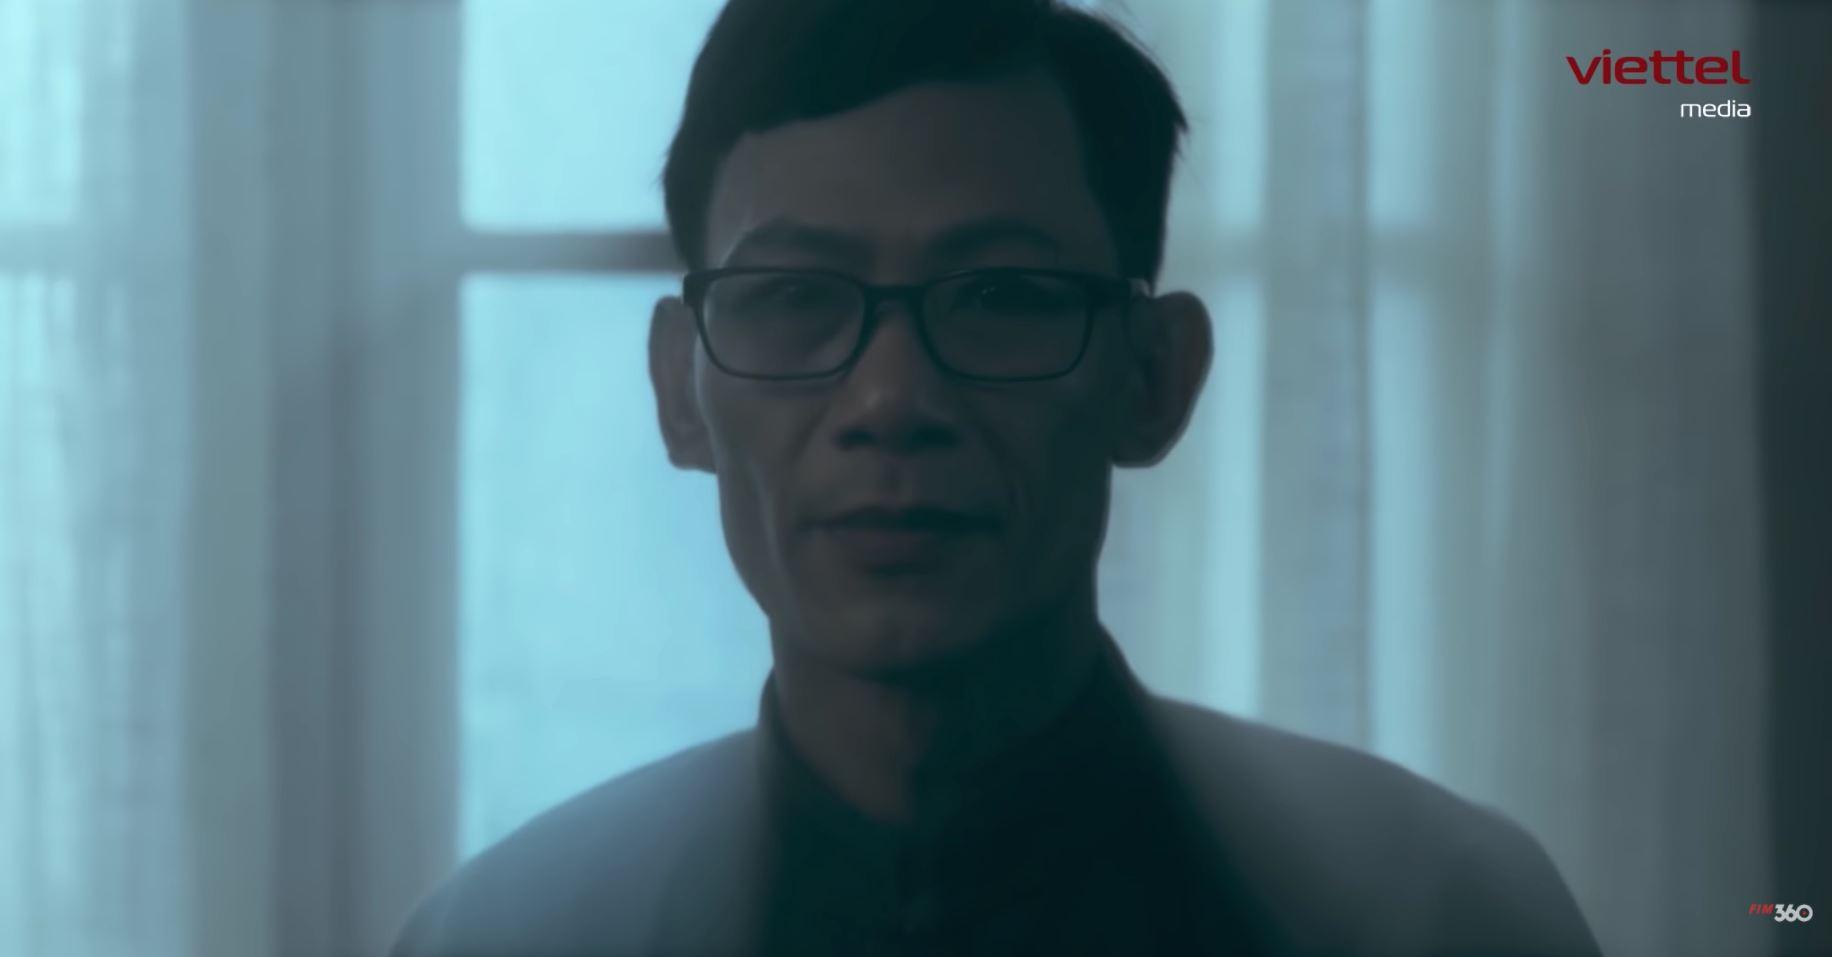 5 vai diễn cameo trong 'Điên Tối': Ai mới là nhân vật 'đáng gờm' nhất? 4